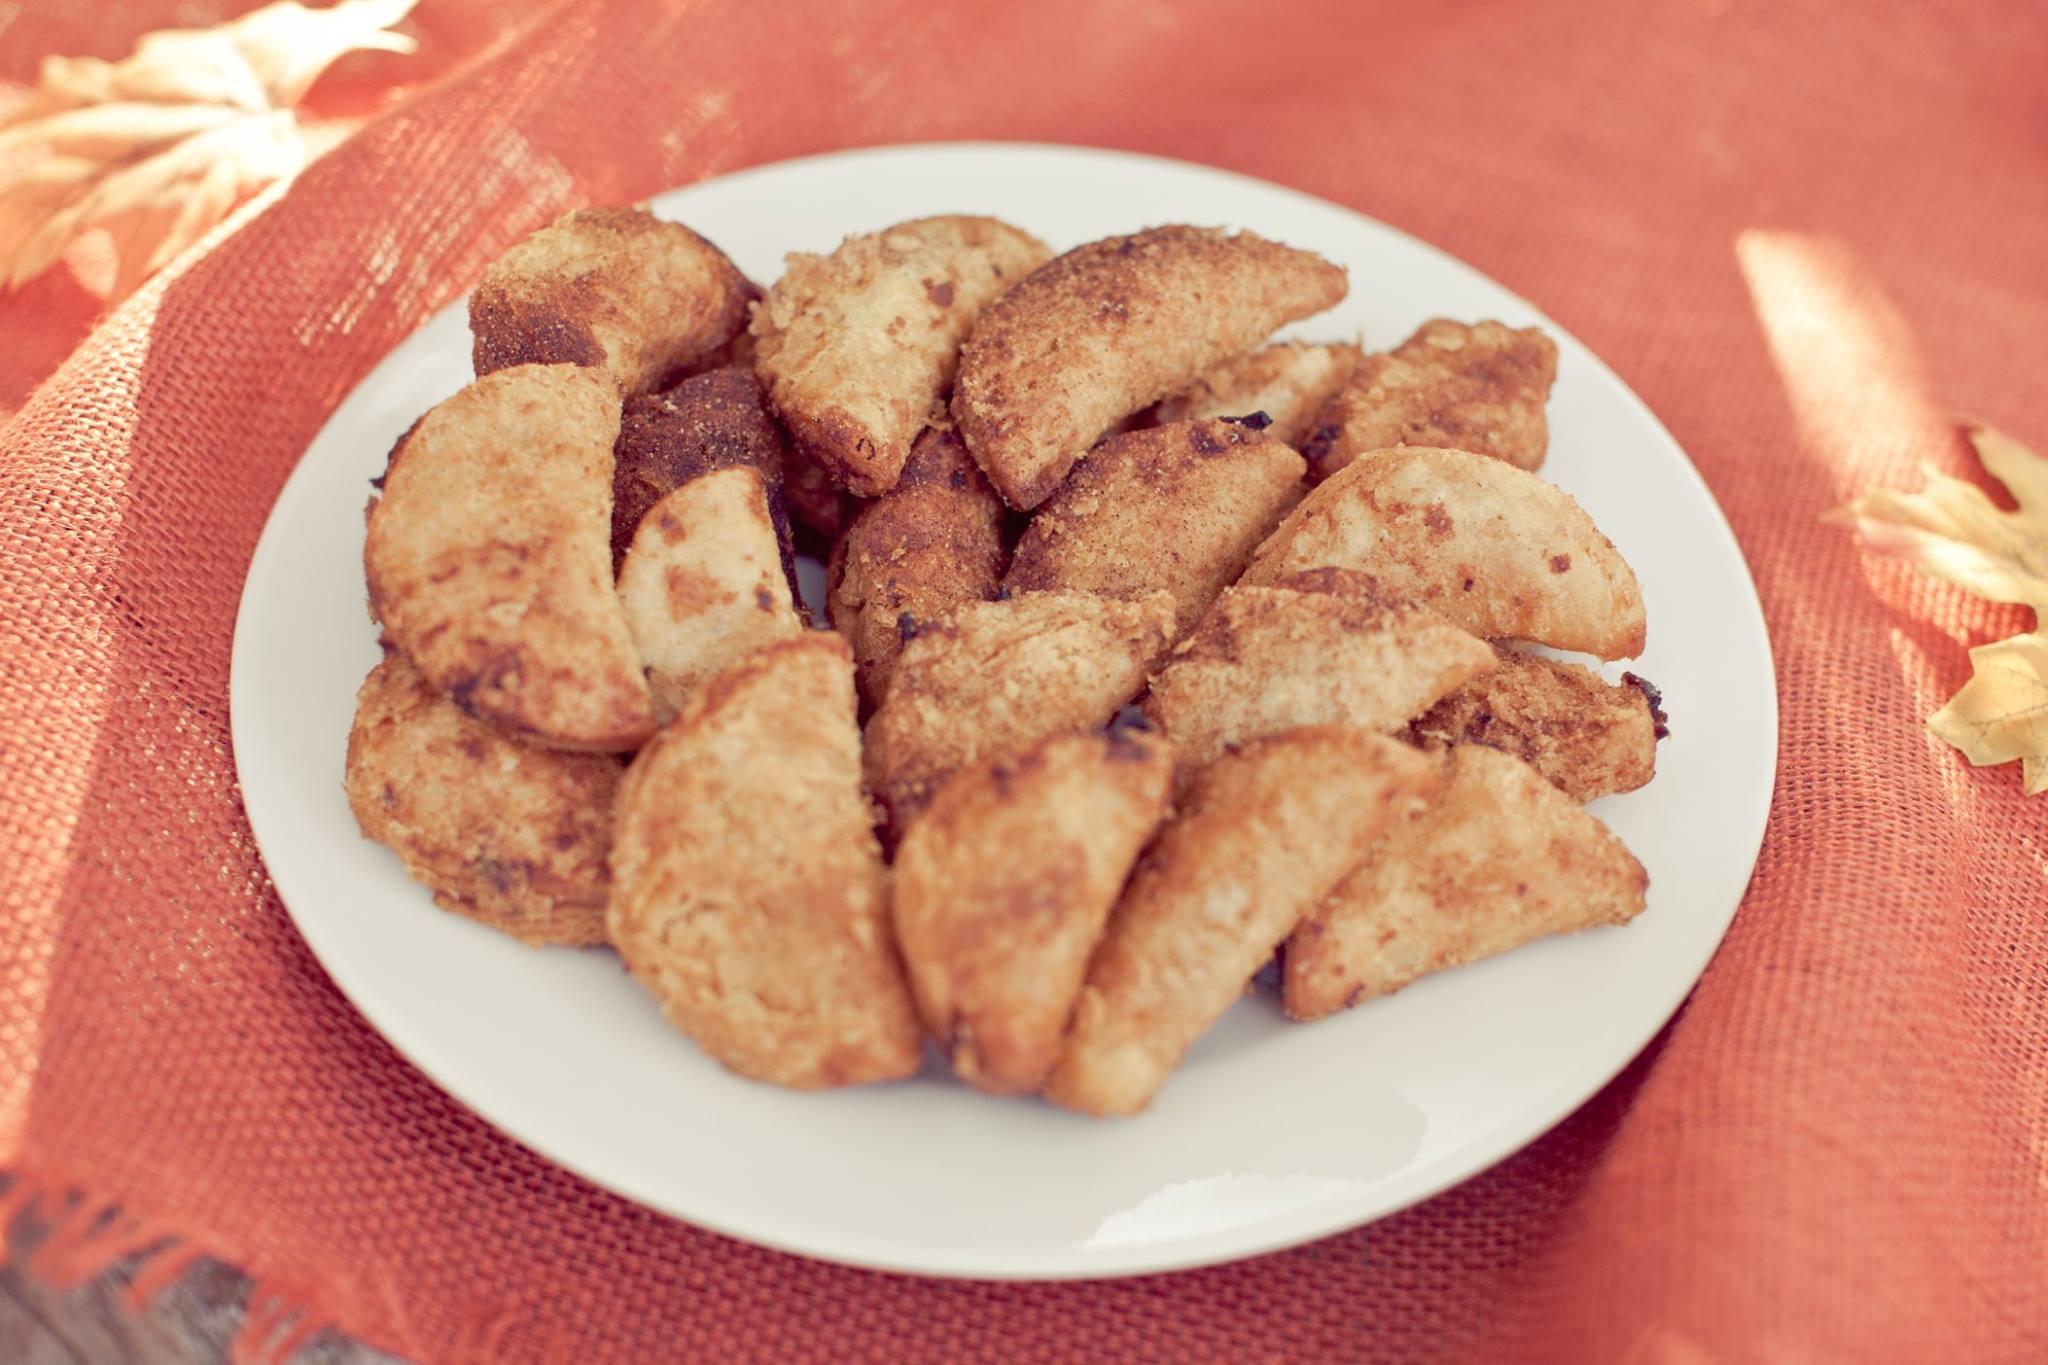 Fullsize Of How To Make Fried Apples